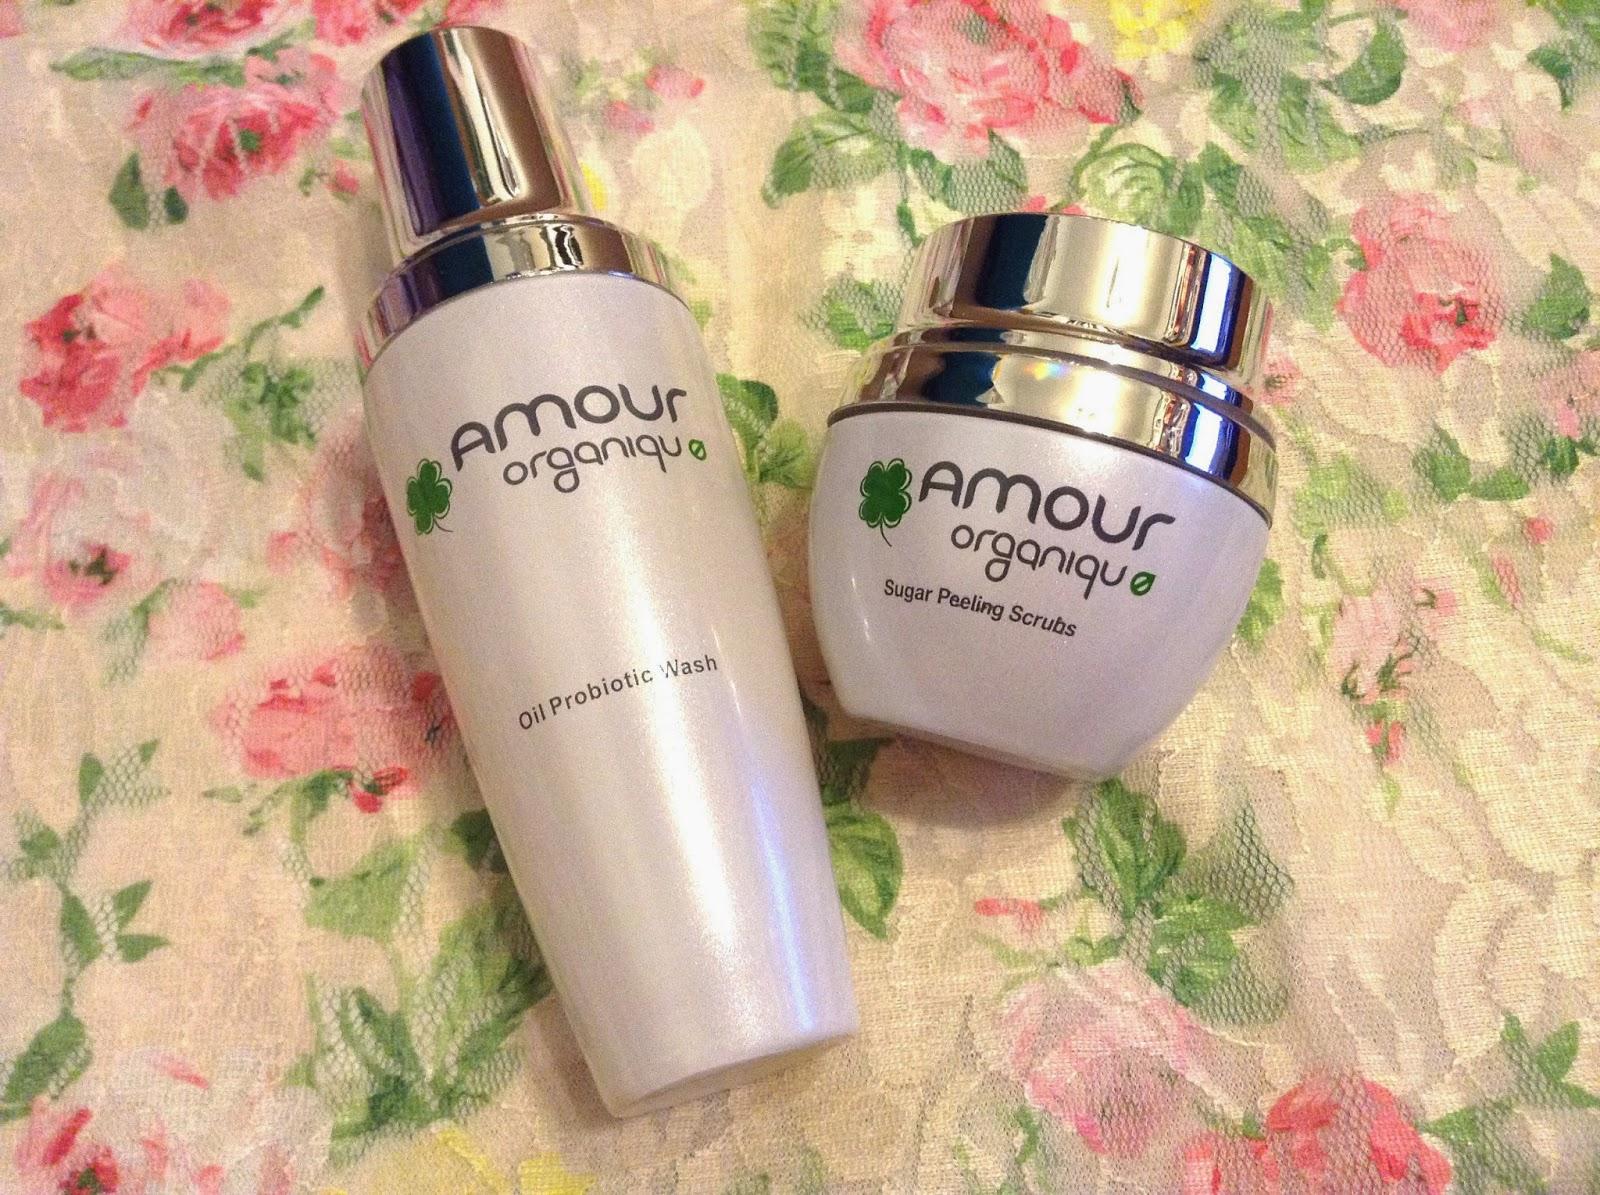 >> 清潔柔滑到嘩嘩聲*Amour Organique 淨化潔面油(Oil Probiotic Wash)﹠玫瑰水晶糖磨沙(Sugar Peeling Scrubs)+ 10個體驗名額